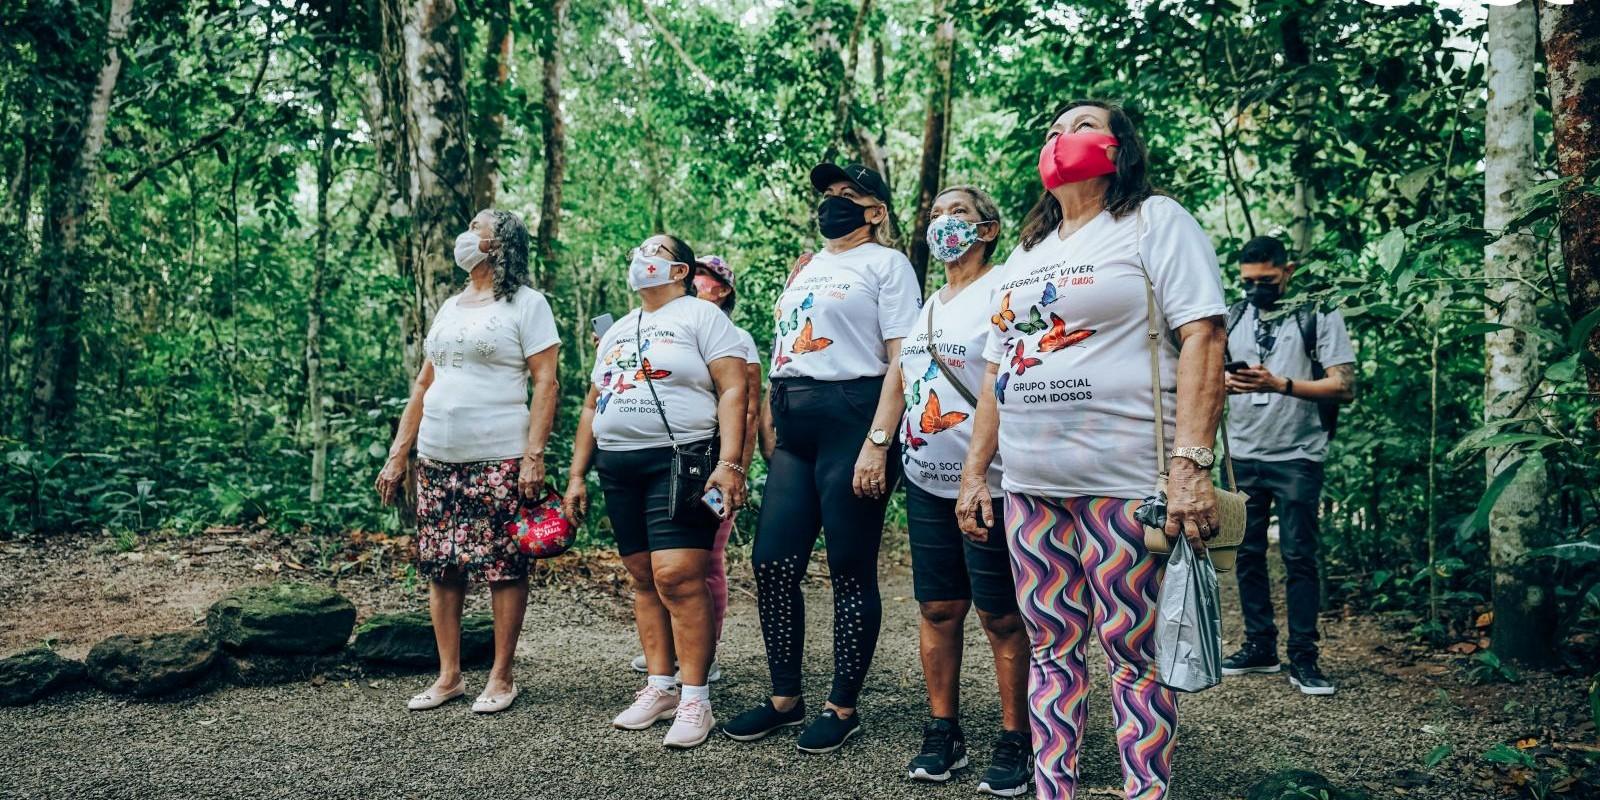 Passeio com Grupo Alegria de Viver (TSI - Trabalho Social com Idosos) no Bioparque da Amazônia